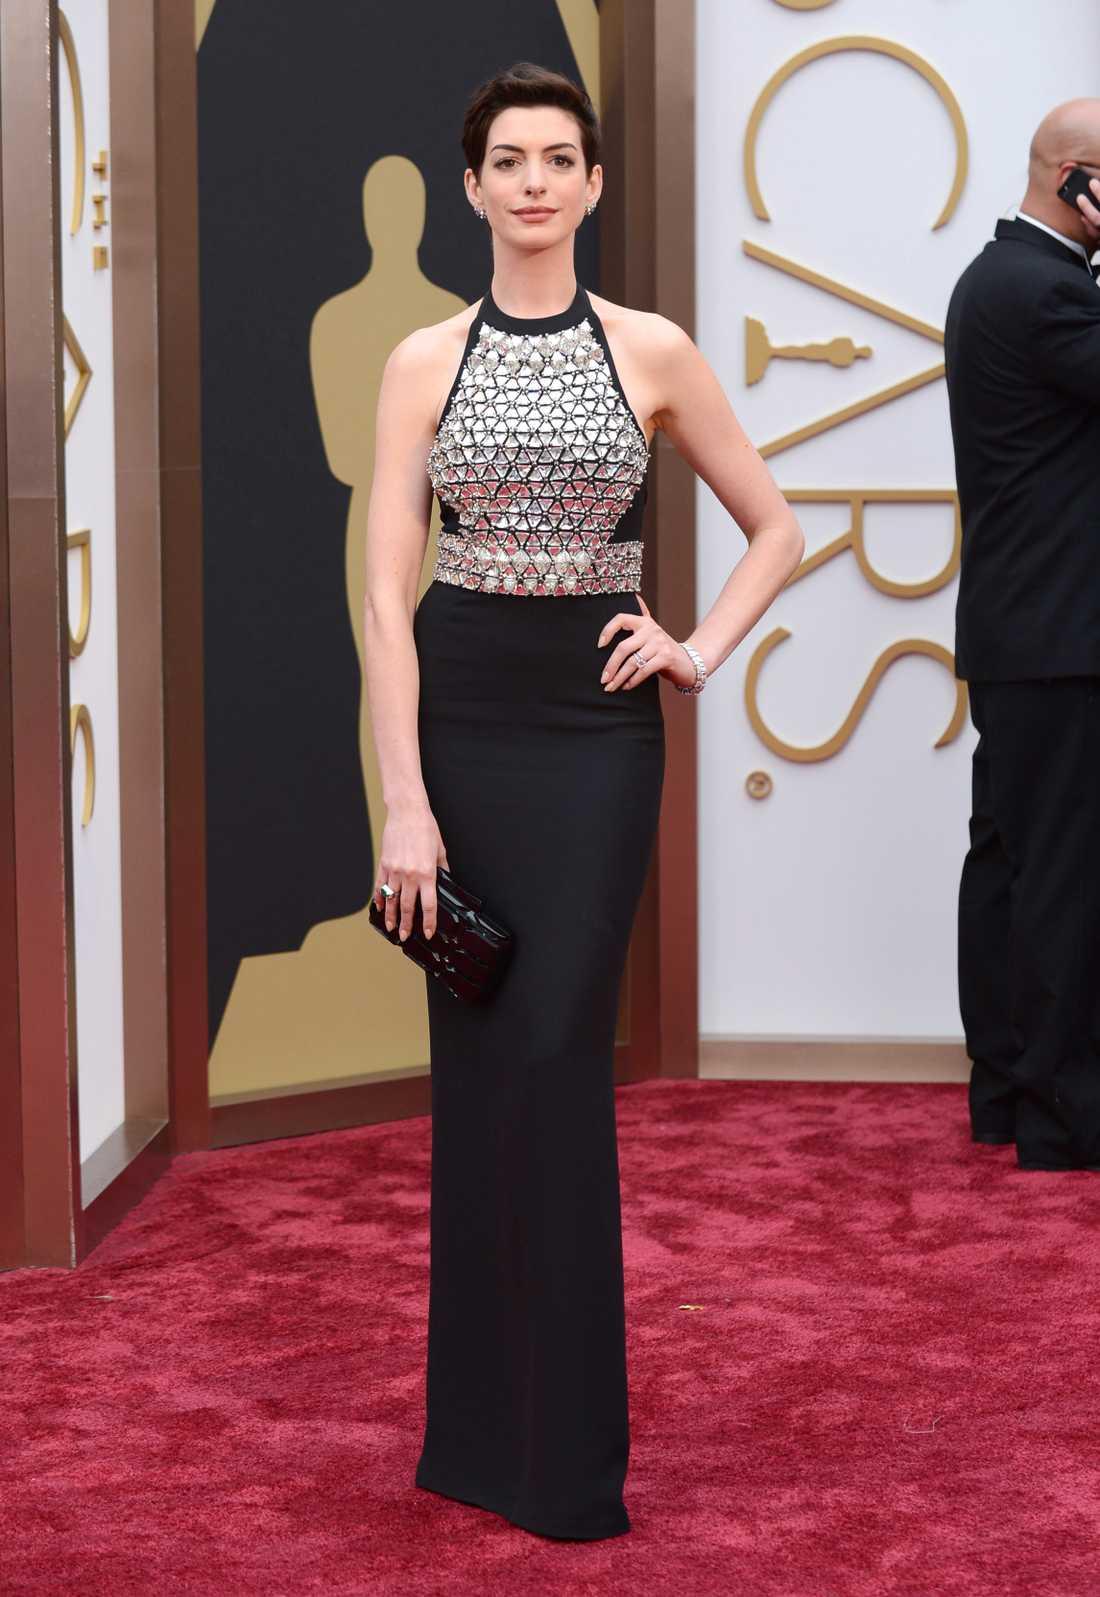 """++++ Anne Hathaway: """"Tuff brud! Inte den jag hade förväntat mig komma med brynja - oerhört uppfriskande. Jag tycker hon både ser svincool och elegant ut, en svår kombination att fixa. Gucci står för designen. """""""